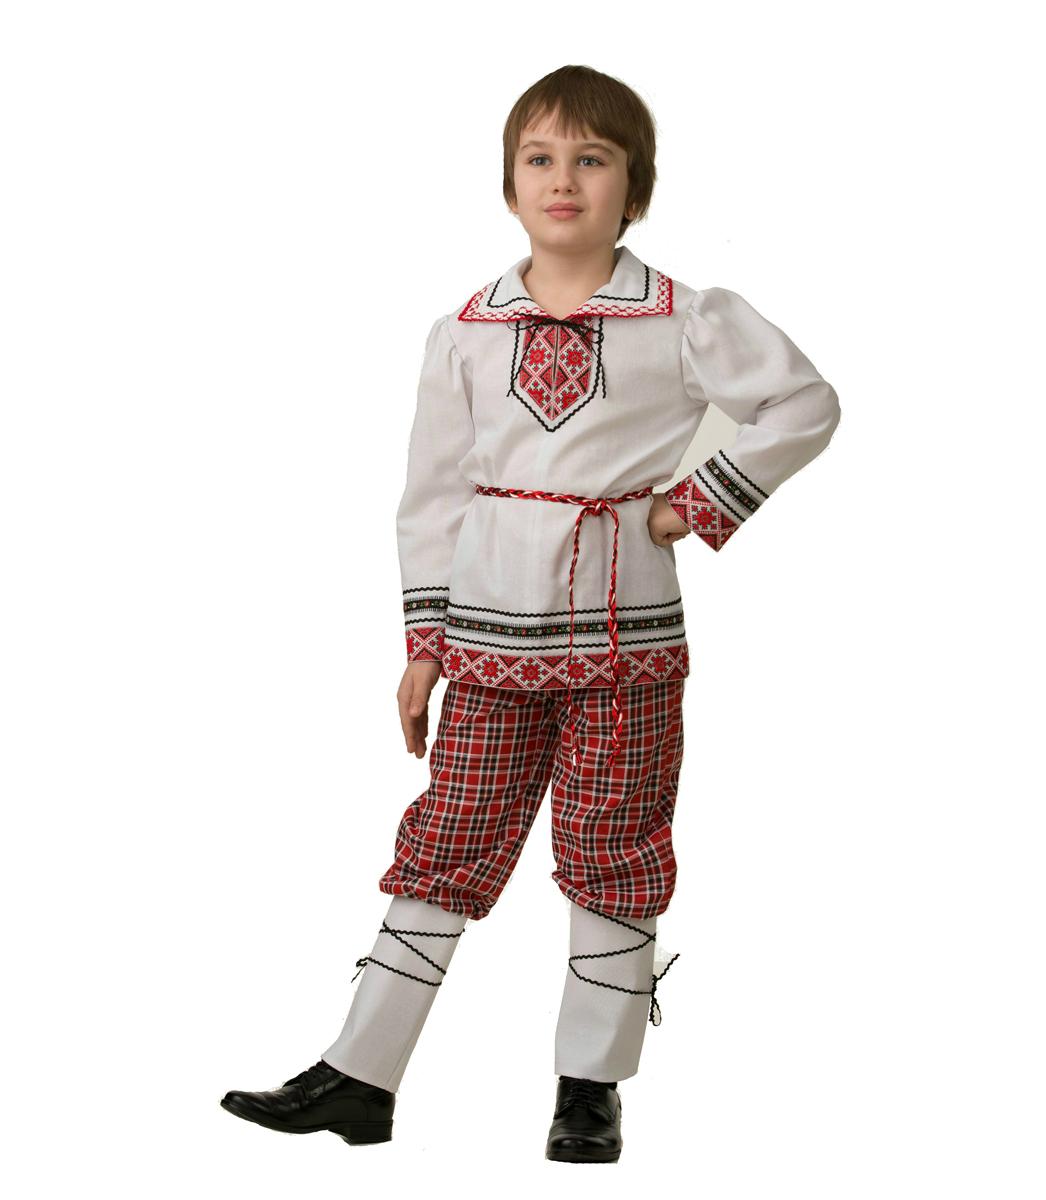 Батик Костюм карнавальный для мальчика Национальный костюм размер 28